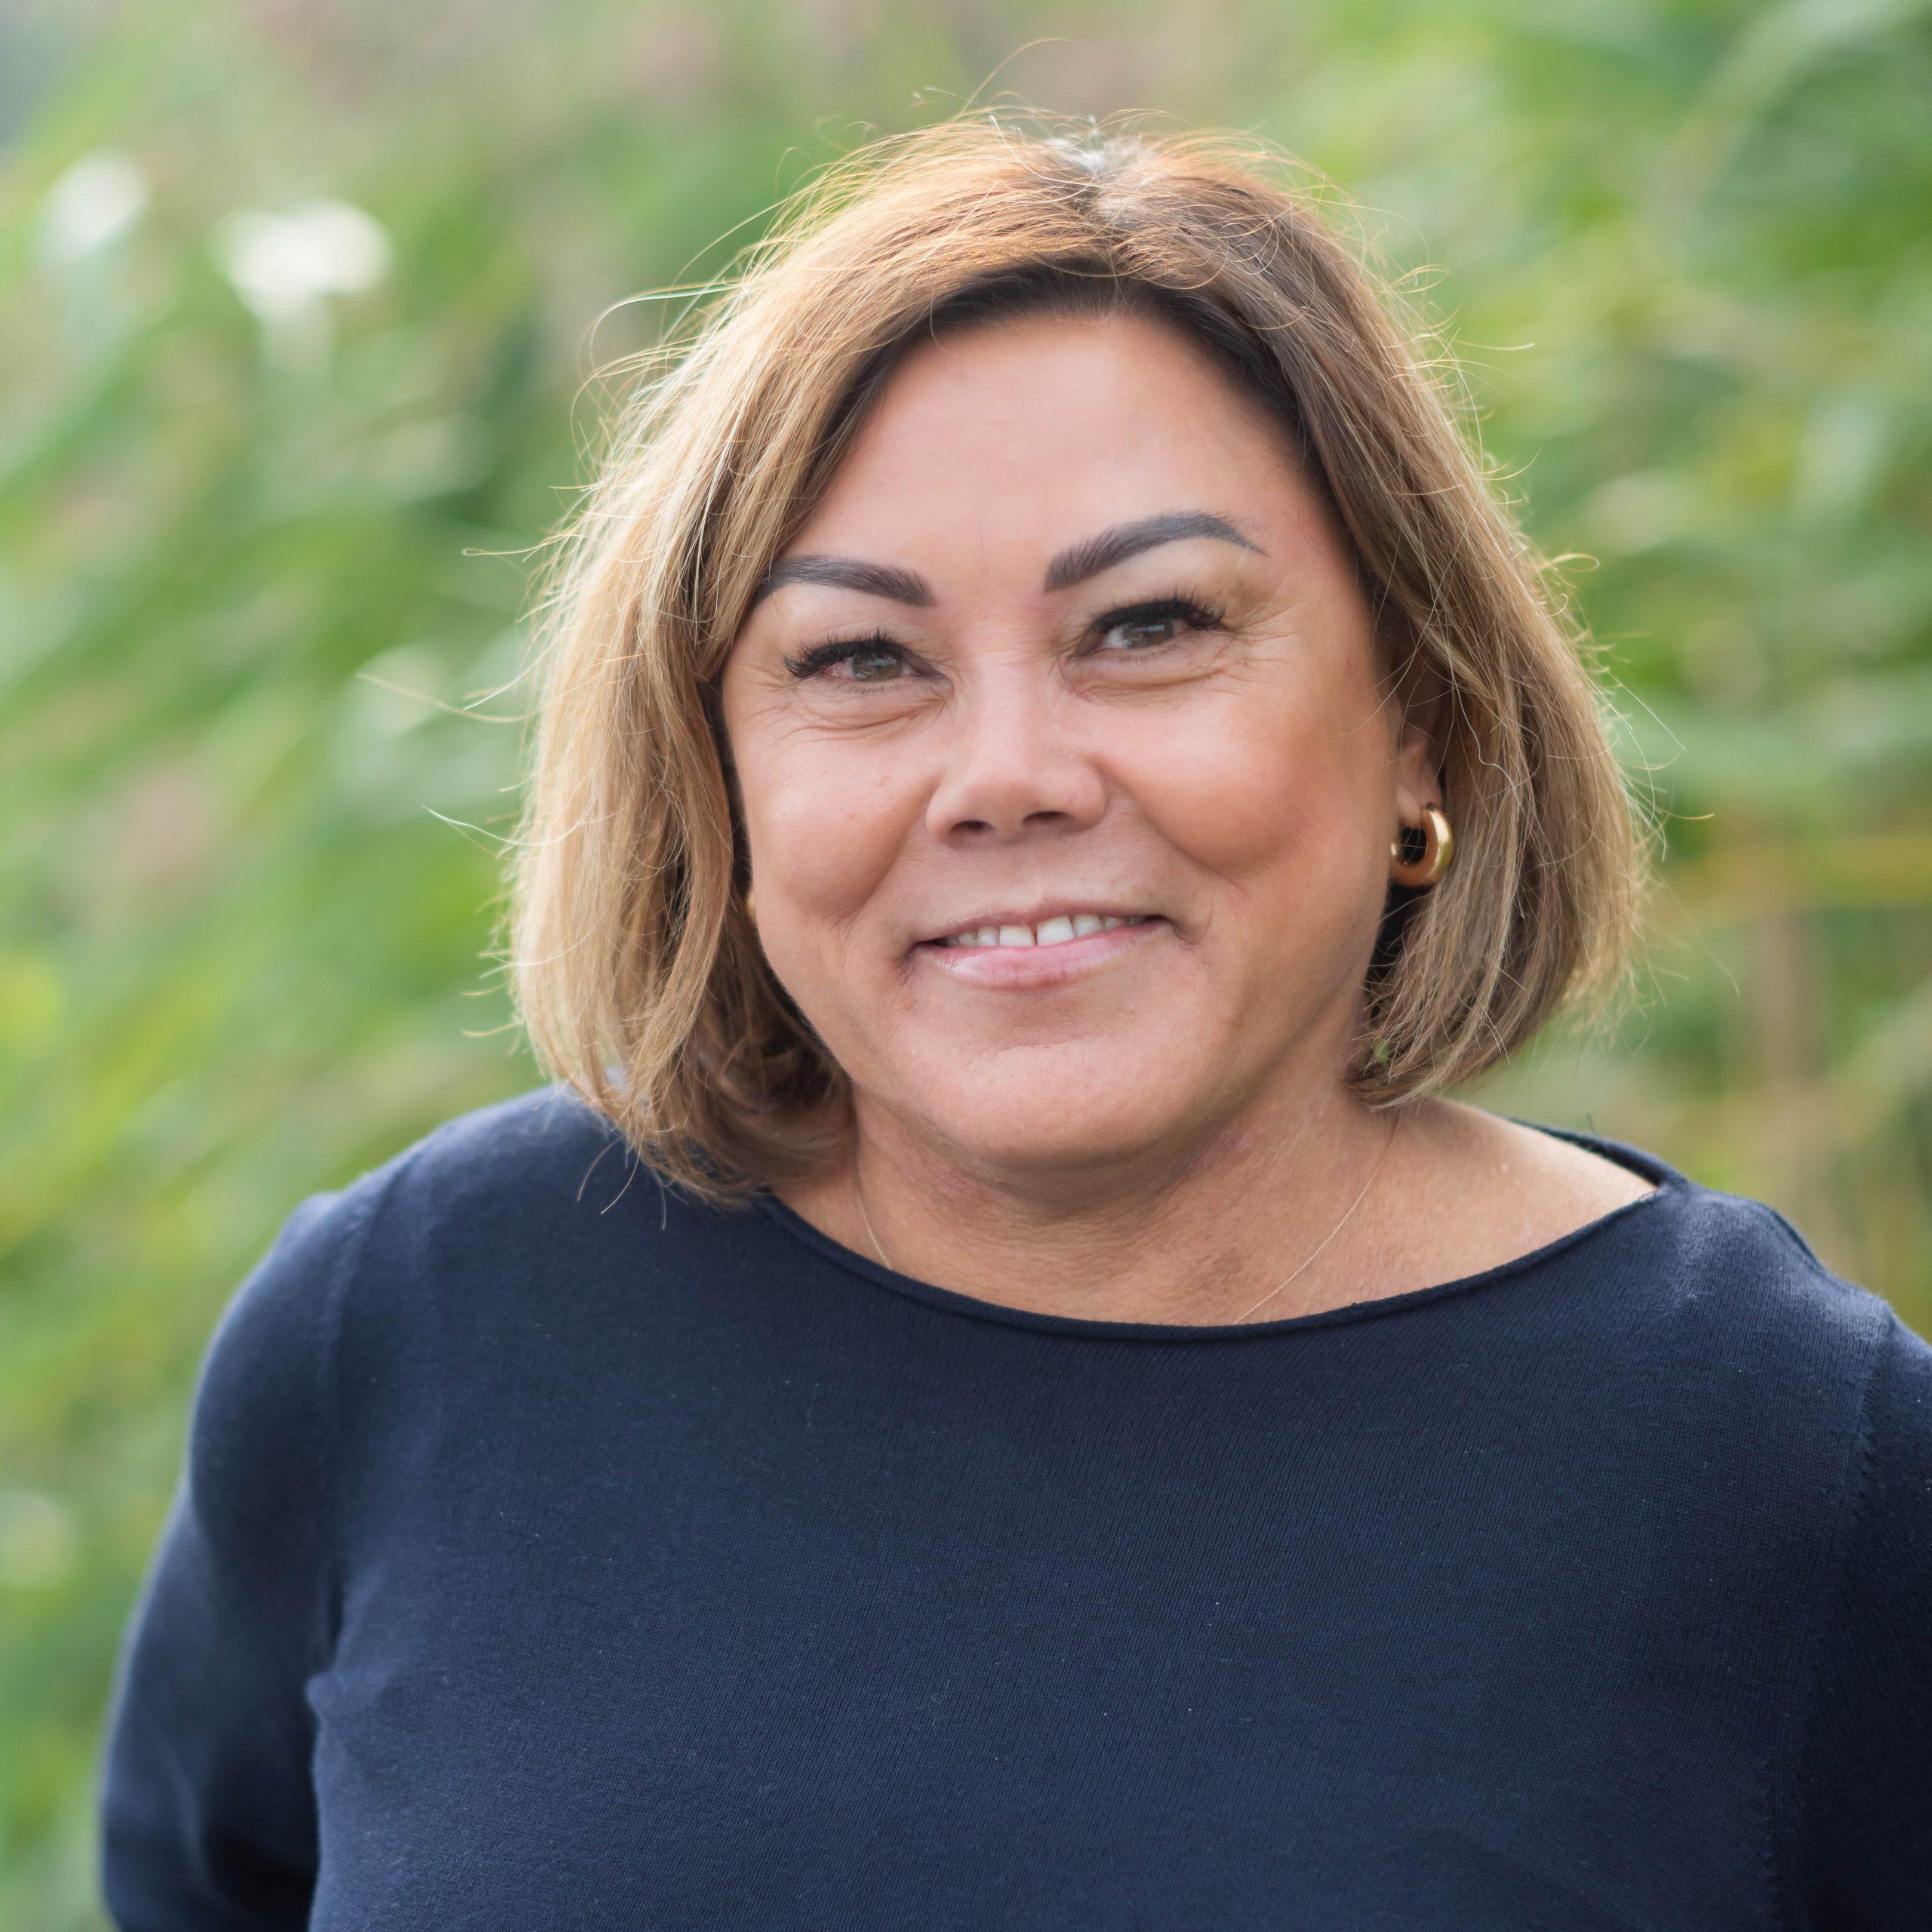 Mediator Tessa Engler